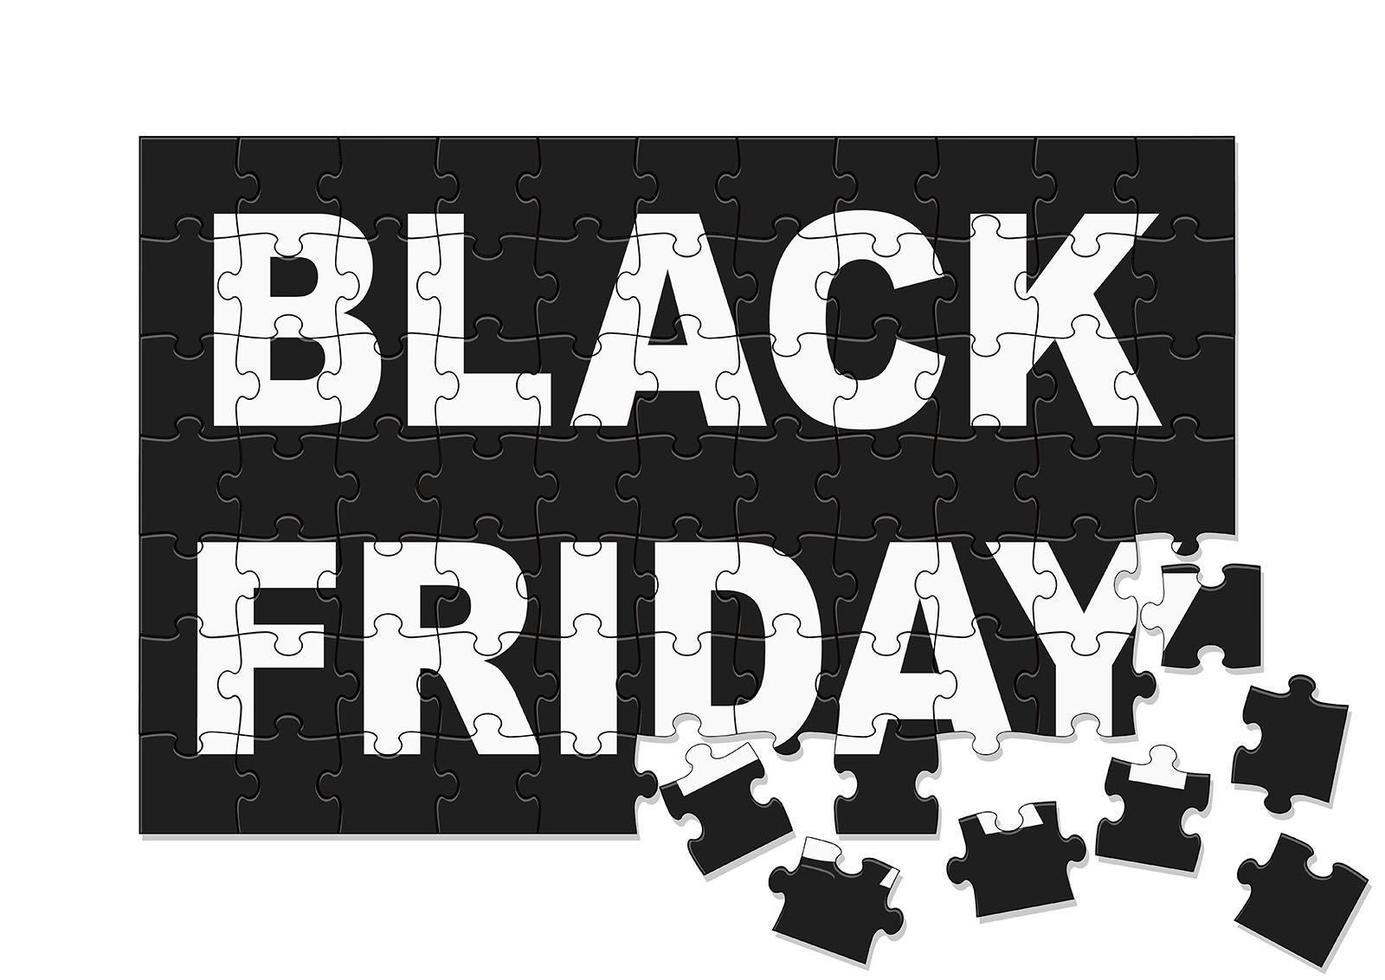 design di pezzi del puzzle vendita venerdì nero vettore